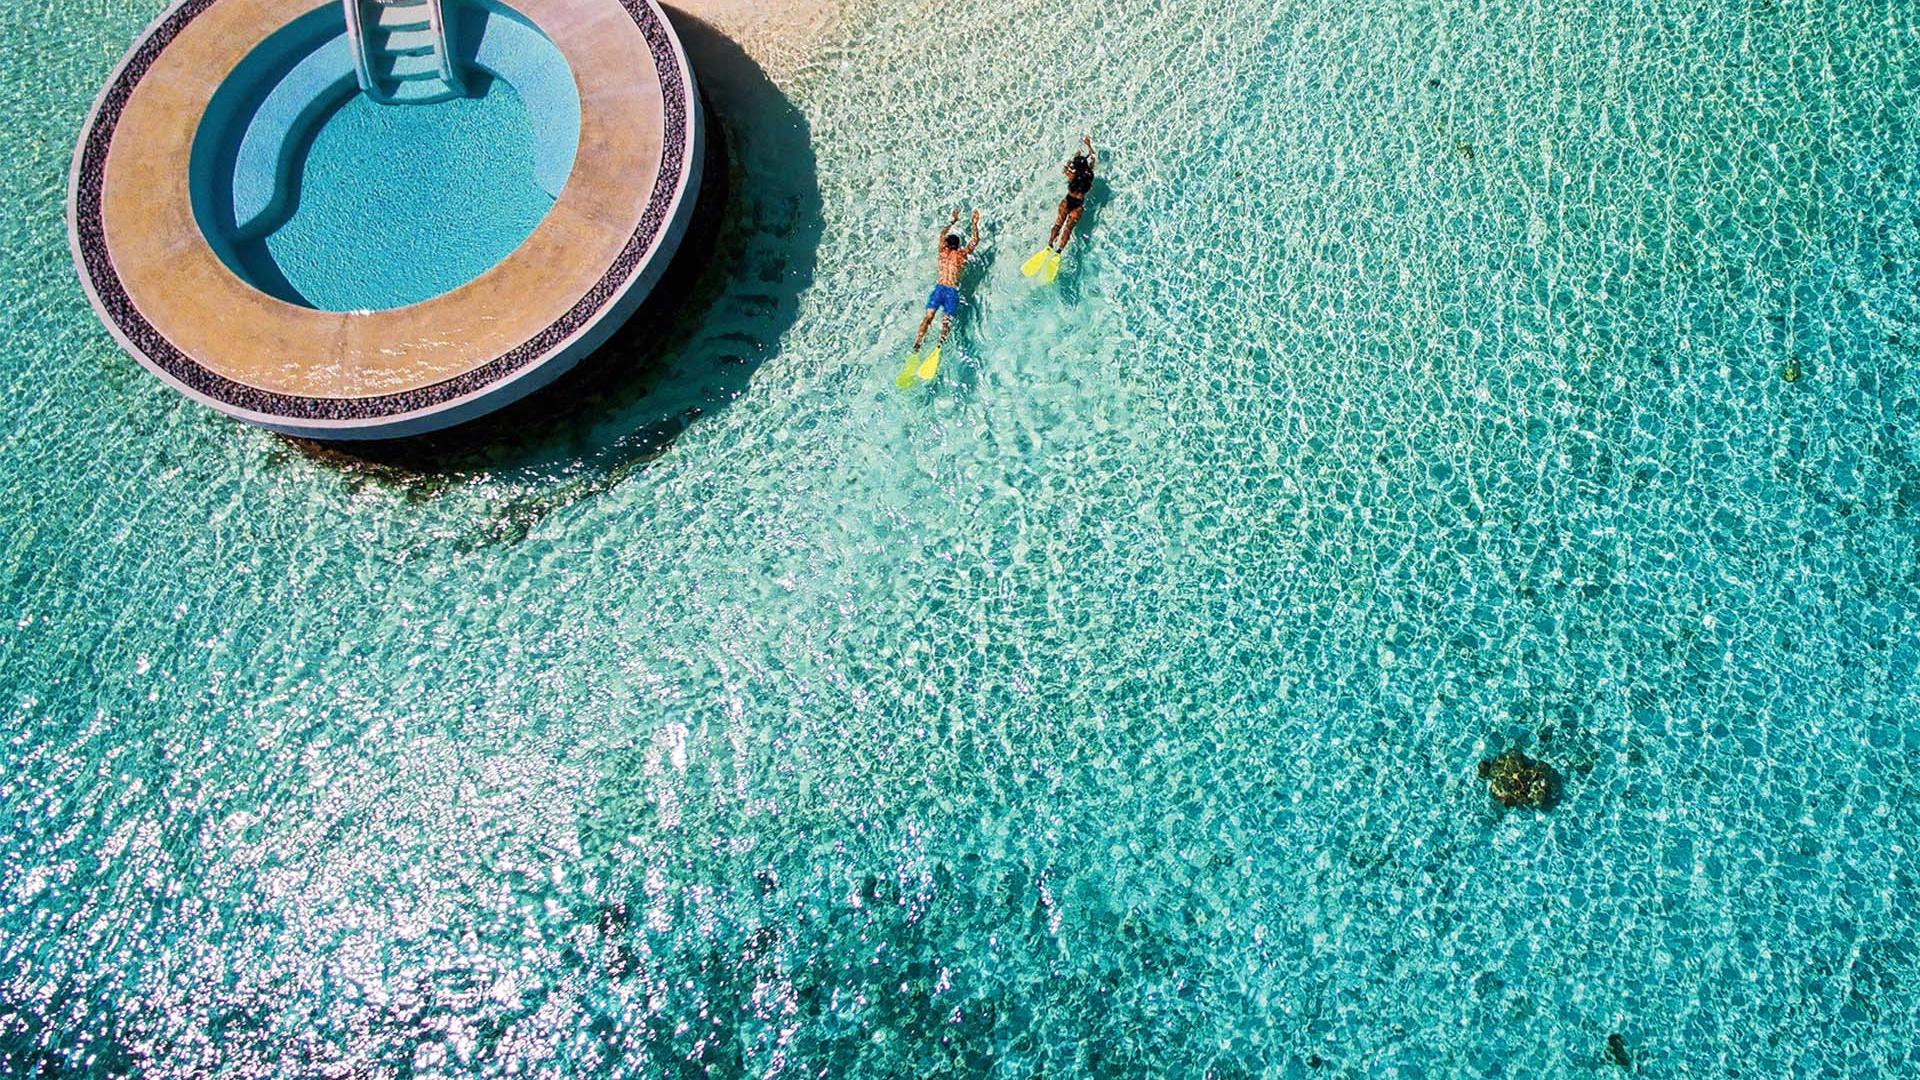 Aerial view of Huvafen Fushi resort, Maldives